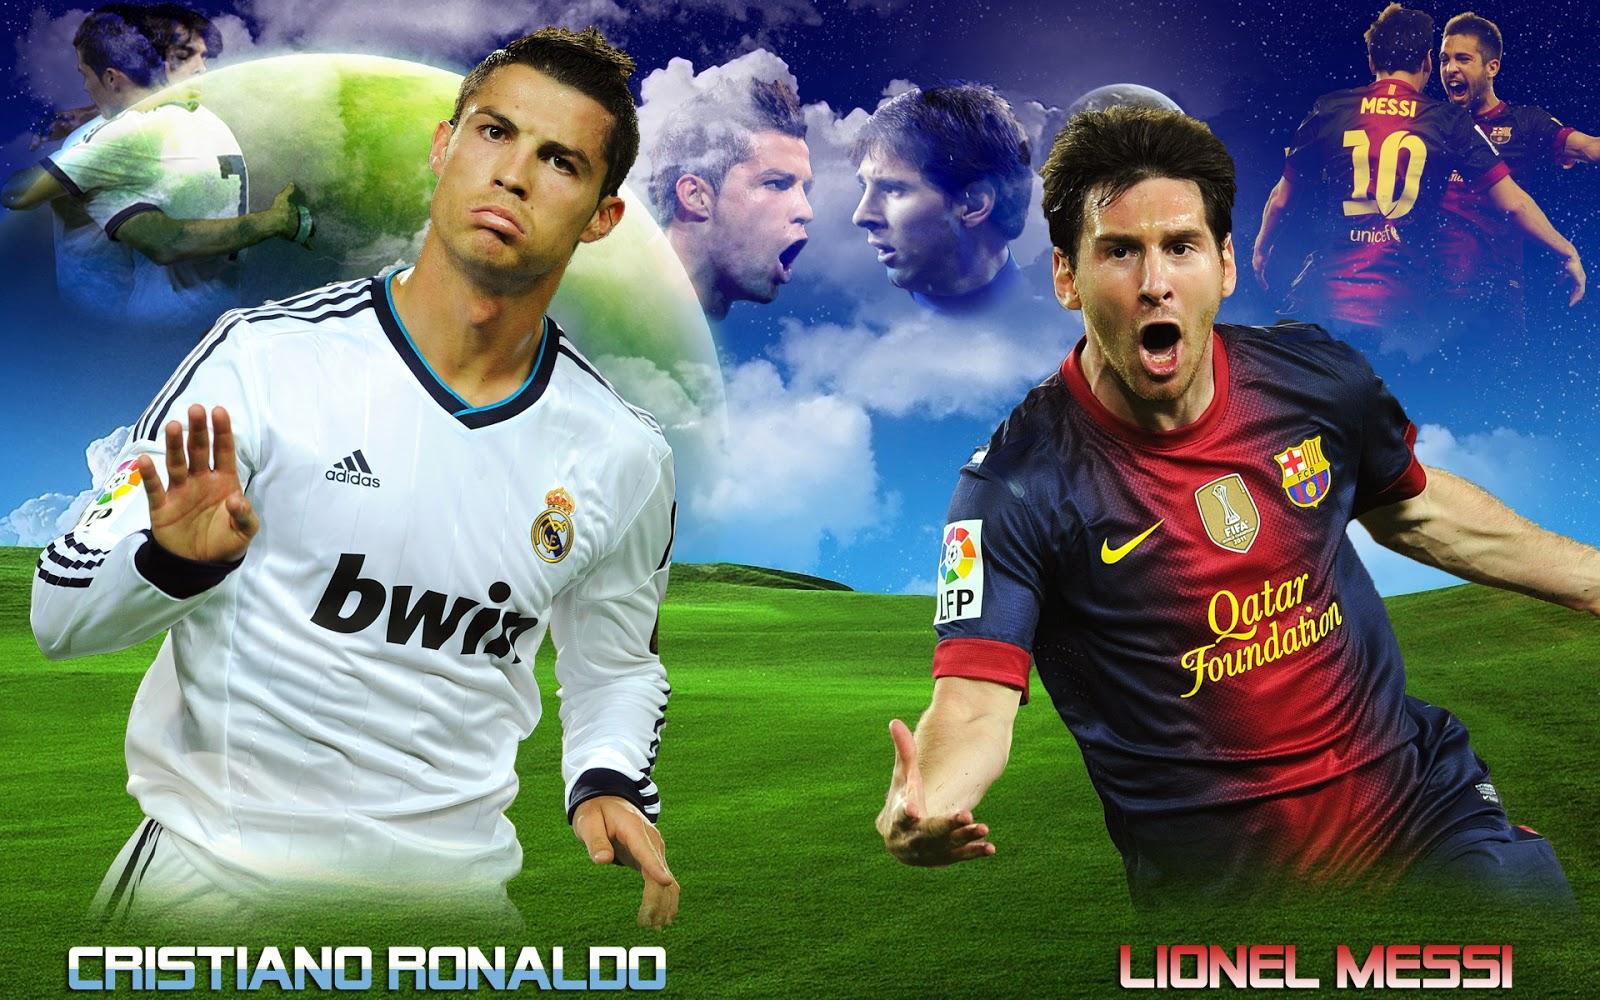 Foto Cristiano Ronaldo Vs Lionel Messi » Foto Gambar Terbaru